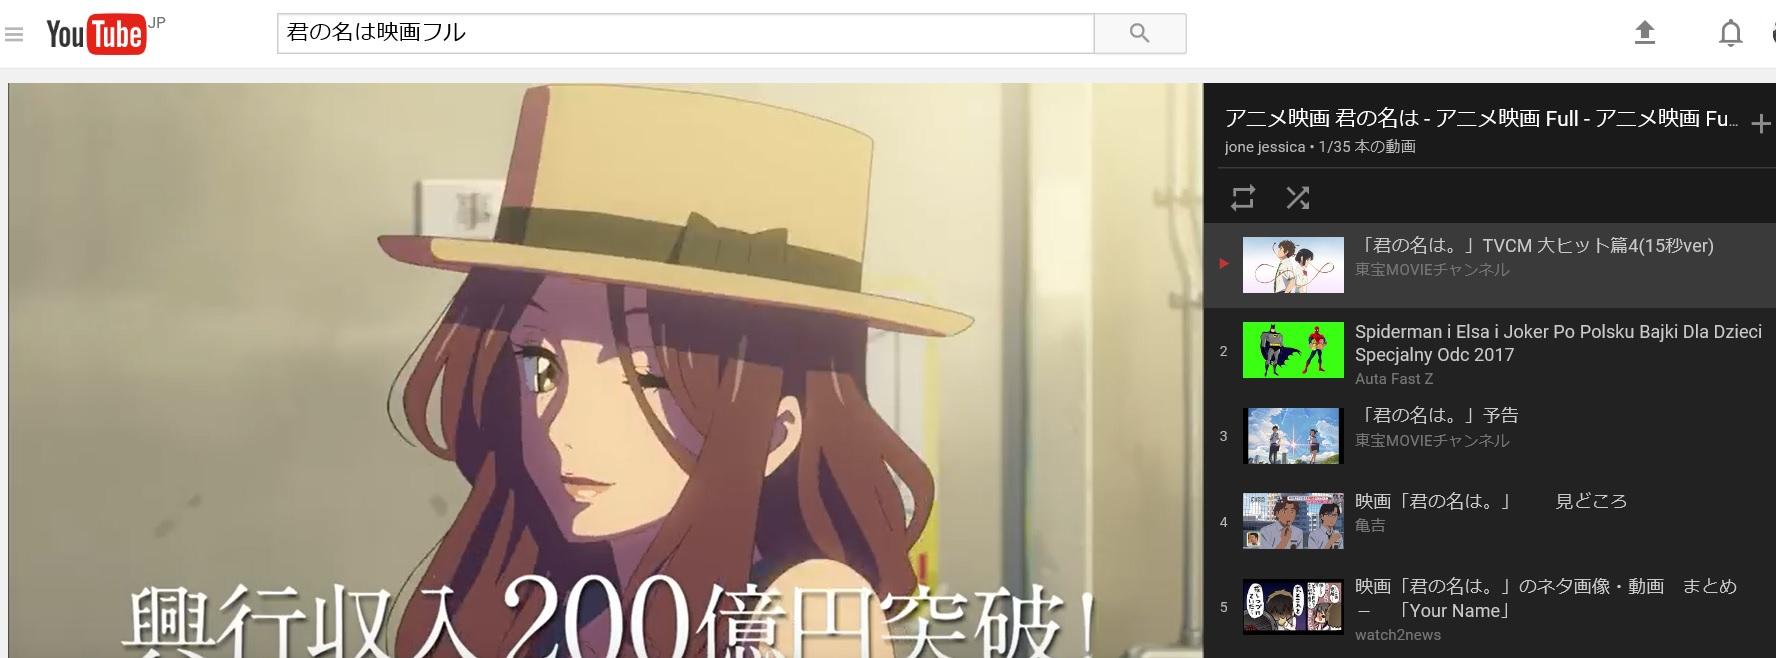 君の名はをユーチューブで検索した画像